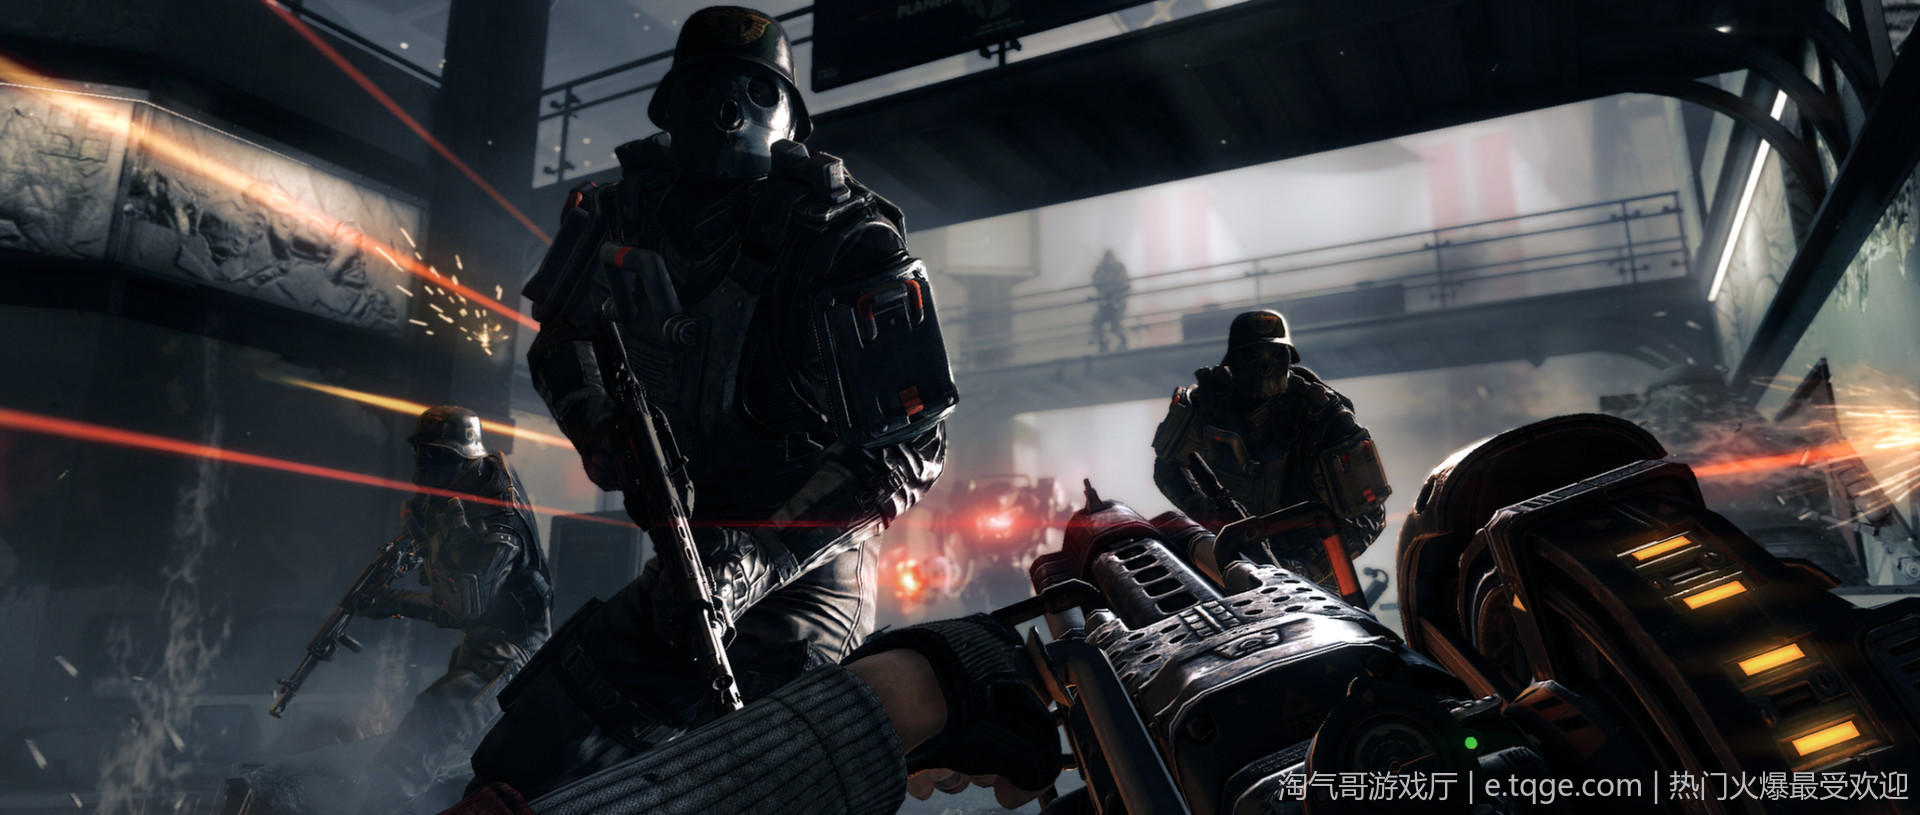 德军总部:新秩序 射击游戏 第3张